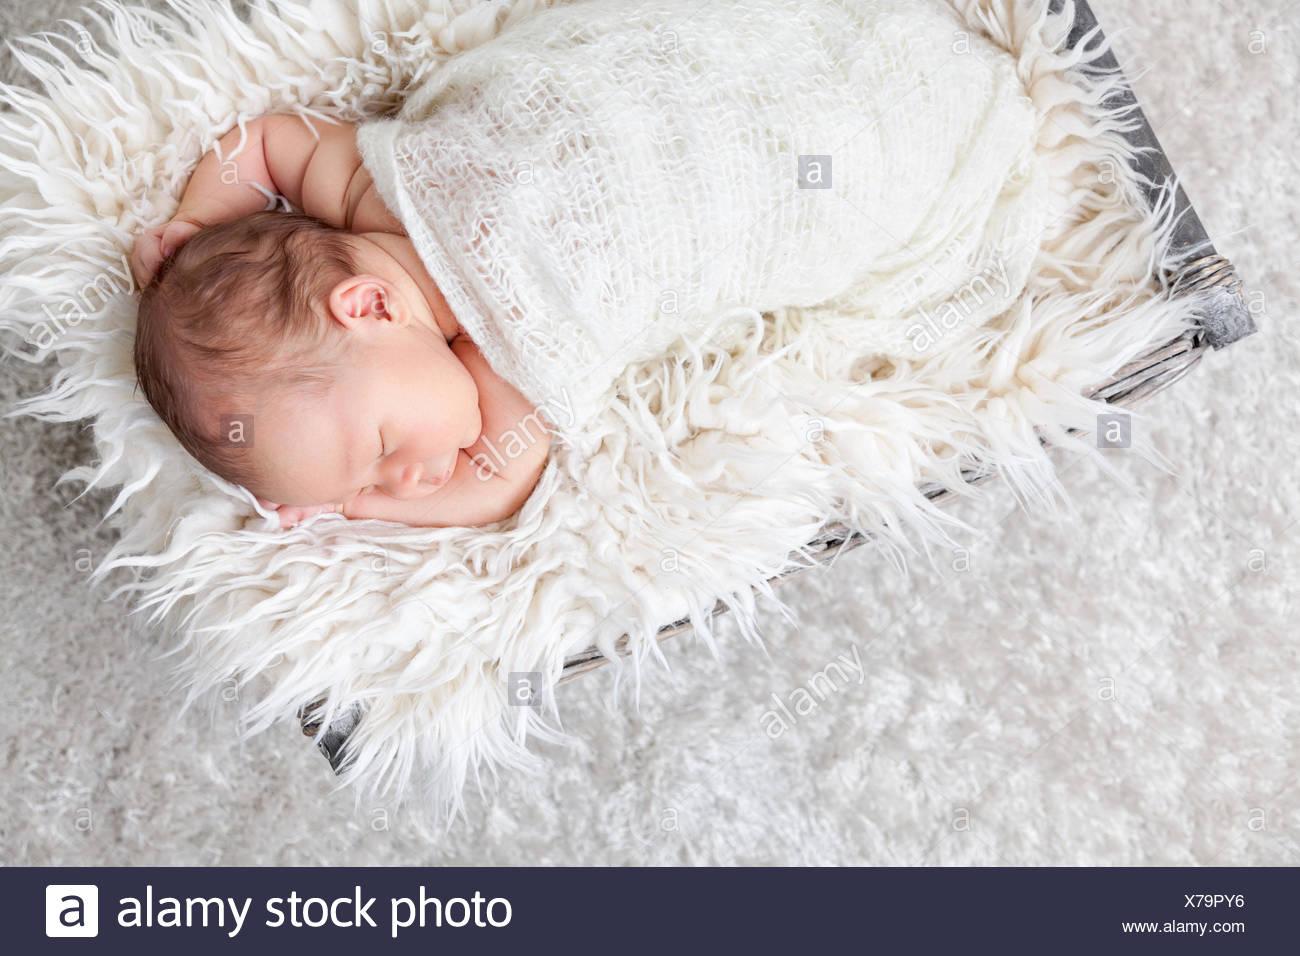 Canasta De Recien Nacido.Hermoso Recien Nacido Dentro De Una Canasta Foto Imagen De